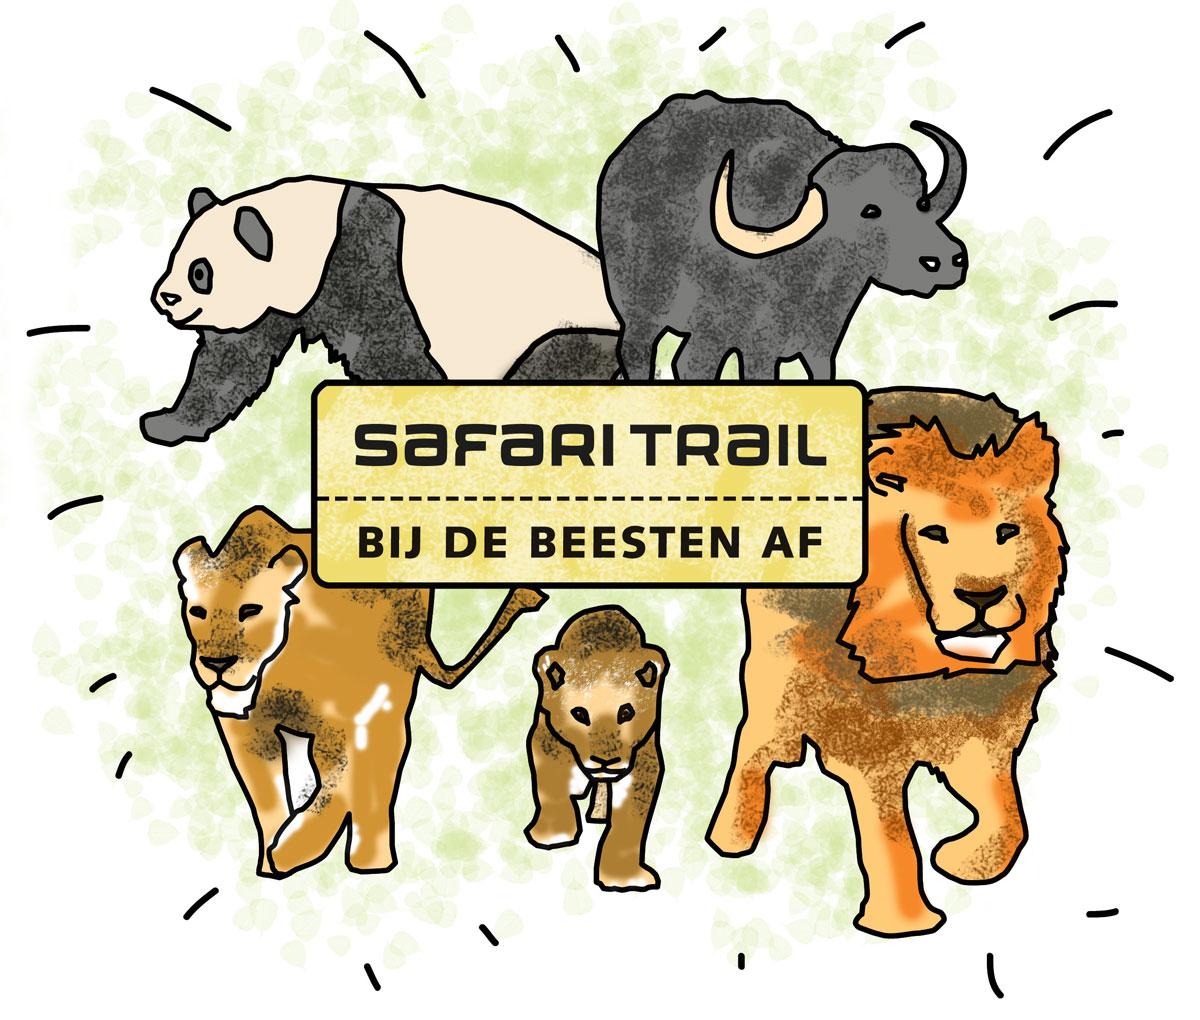 Goedkoop naar Burgers Zoo voor supporters Safari Trail